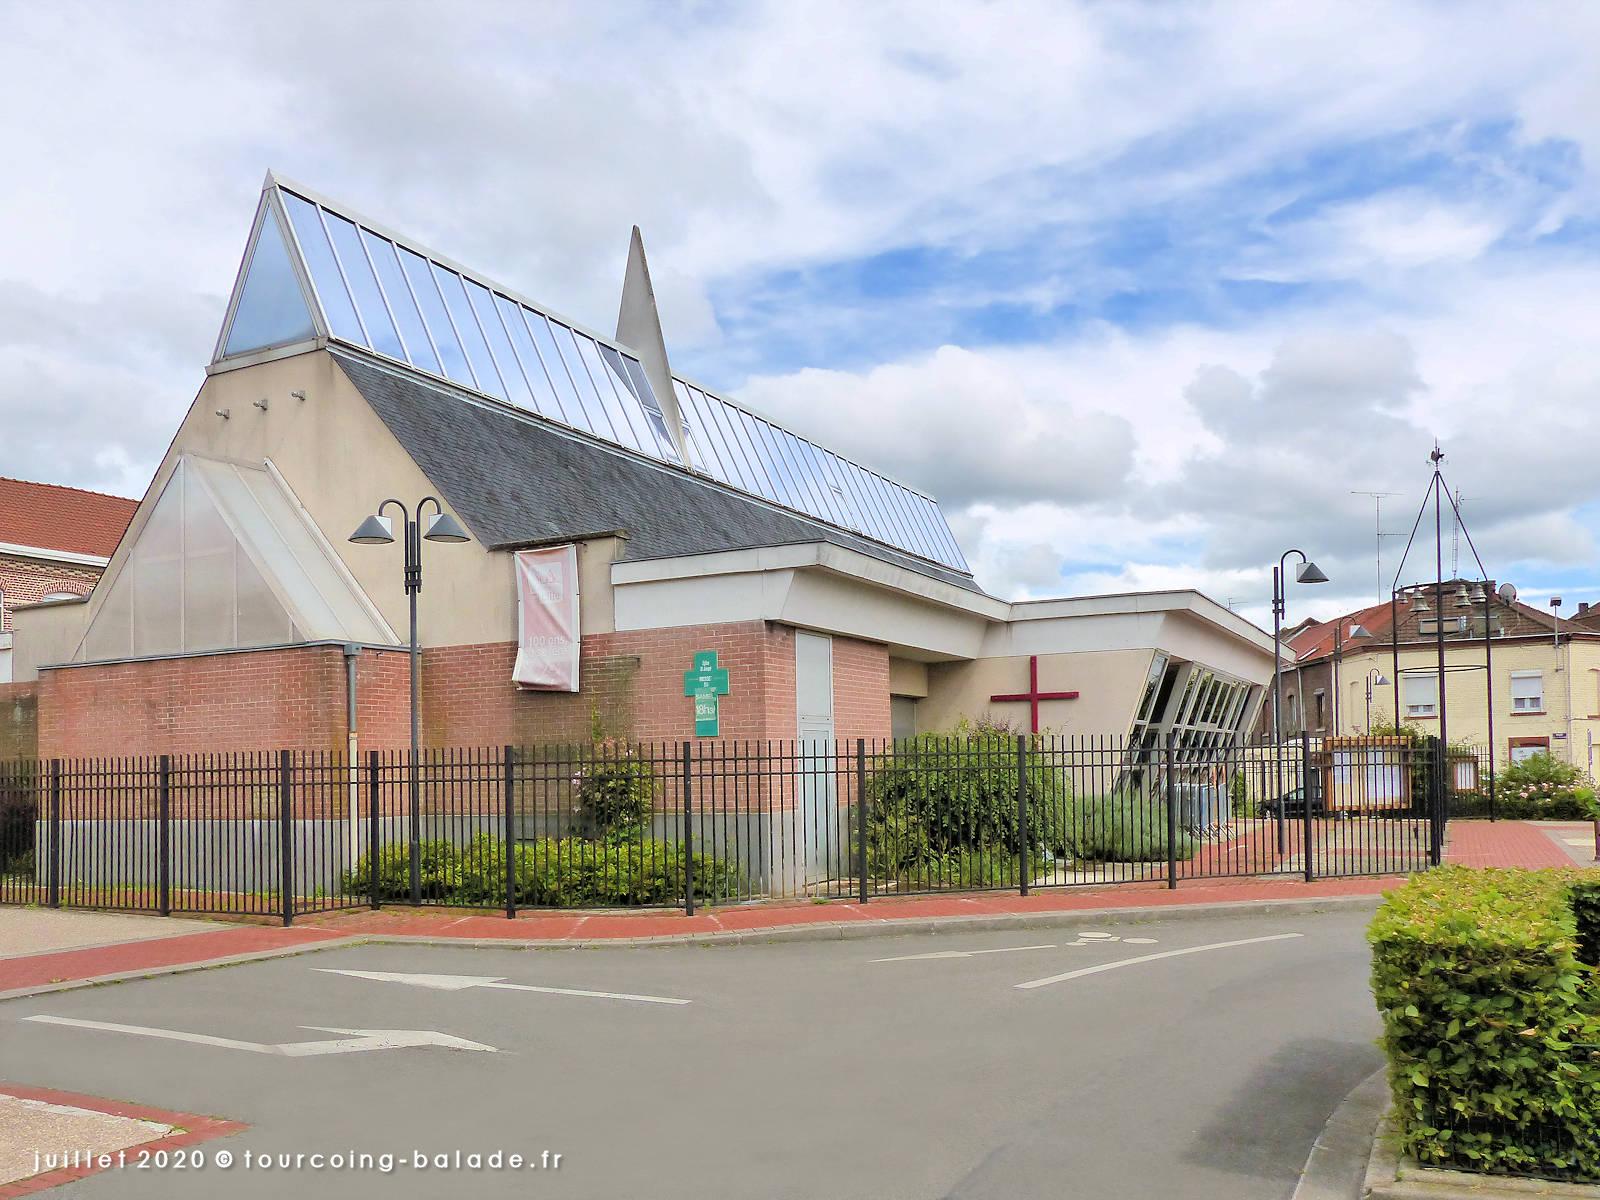 Église Saint Joseph, Tourcoing 2020